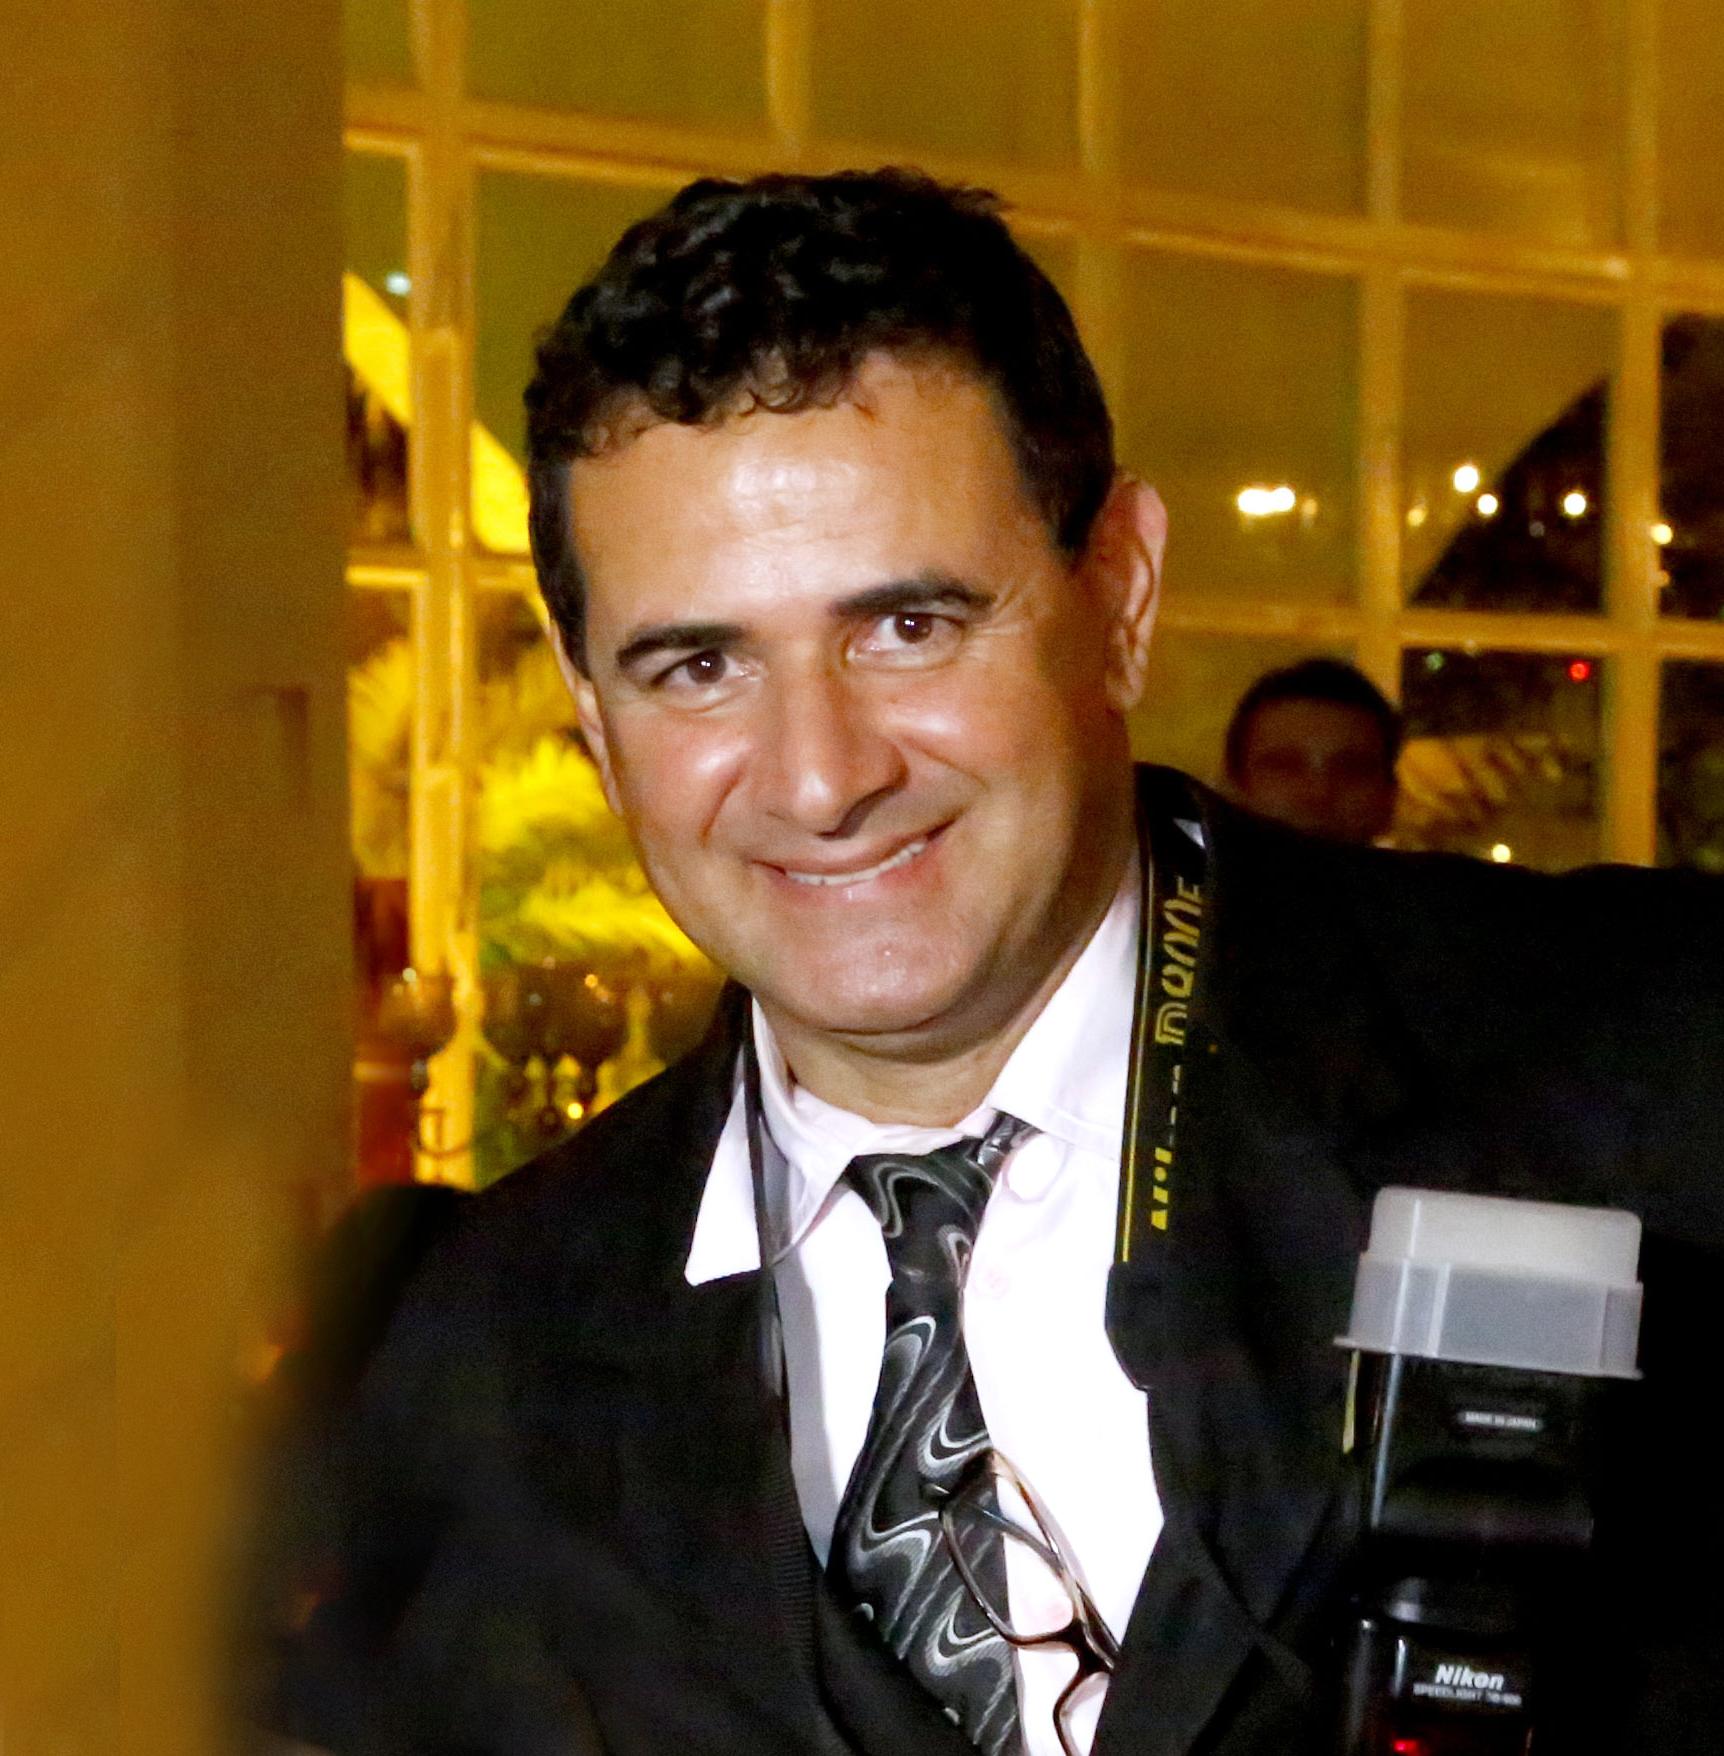 Sobre Raniere - Fotografo de Casamento, Debutantes, Books, Gestante, Ensaio Boudoir Sensual e Marketing &Corporativo em Brasília DF e toda Região.